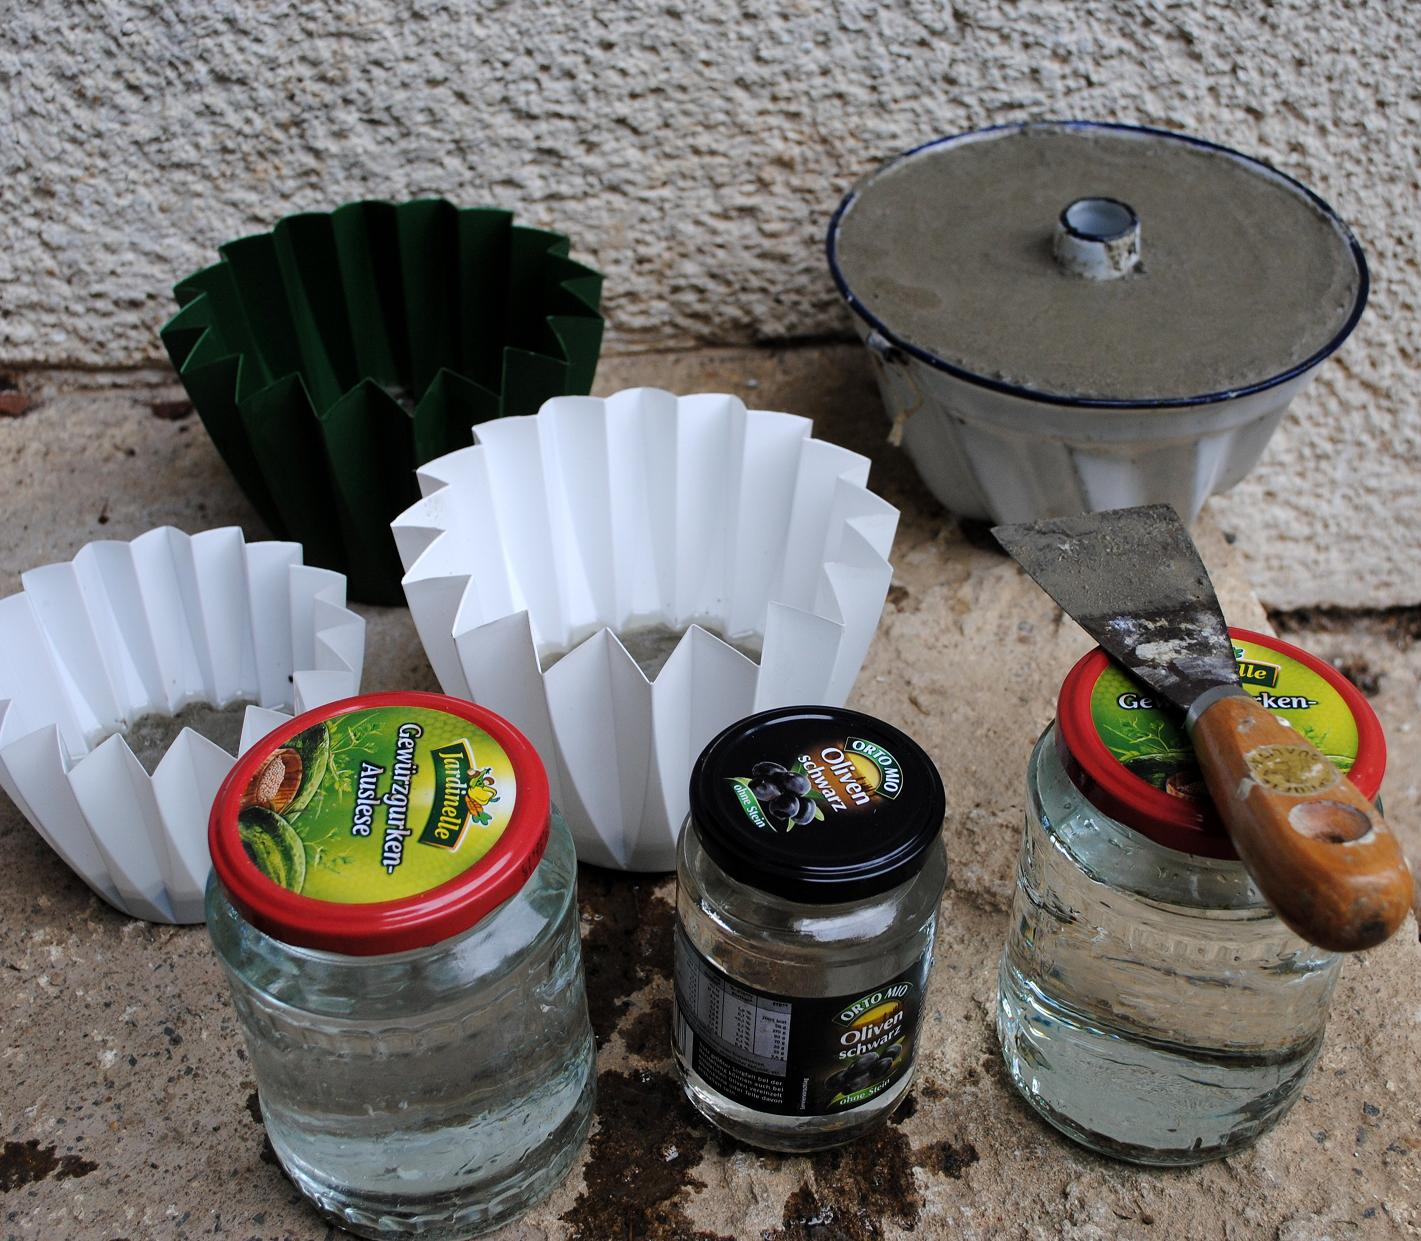 Gartendeko selber machen beton  Gartendeko-Blog: Selbstgemachtes aus Zement